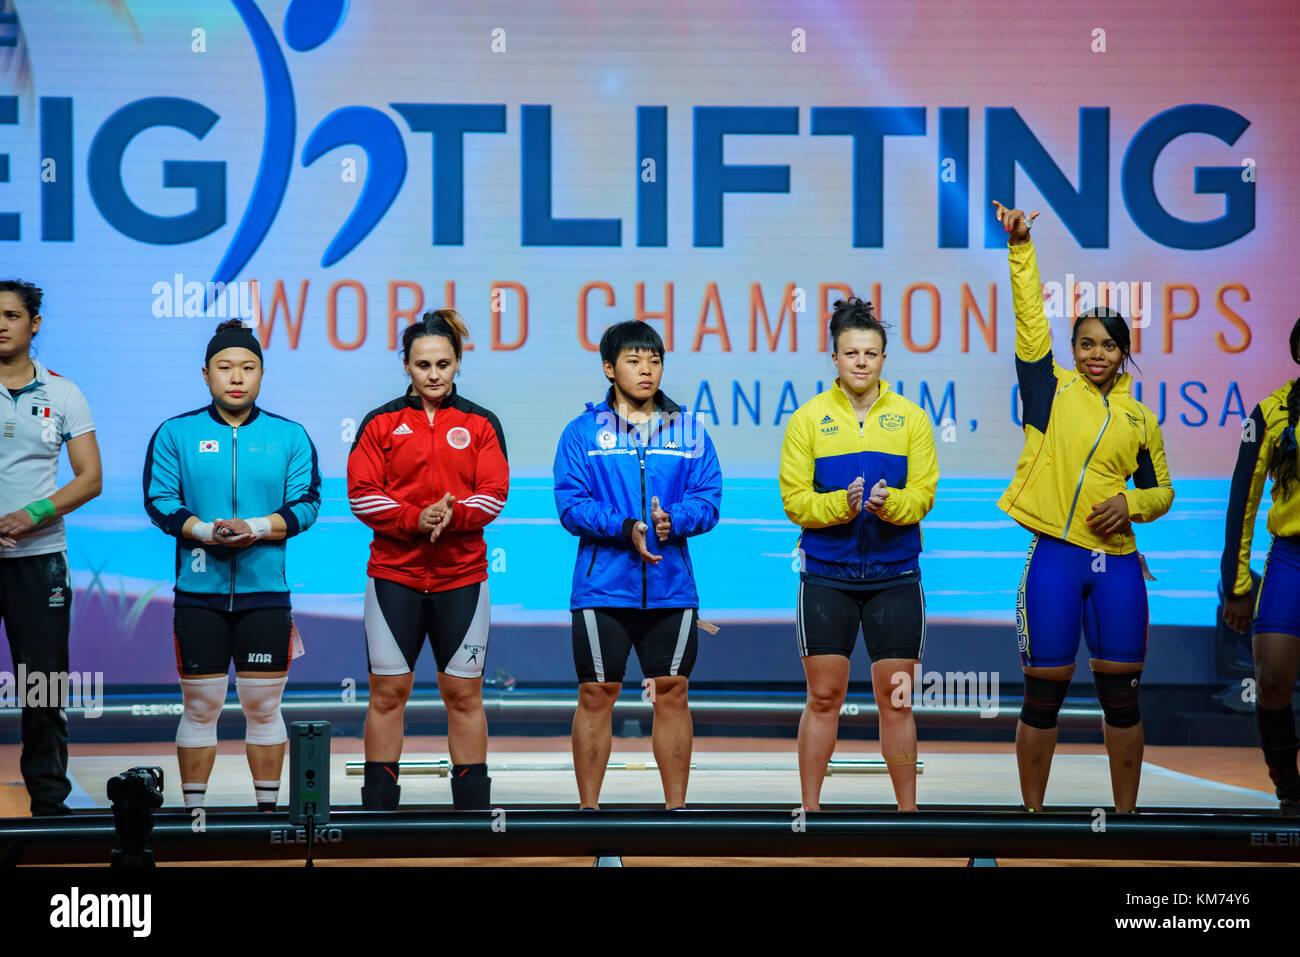 Anaheim, 30 novembre 2017: les athlètes des championnats du monde de la Fédération internationale Photo Stock